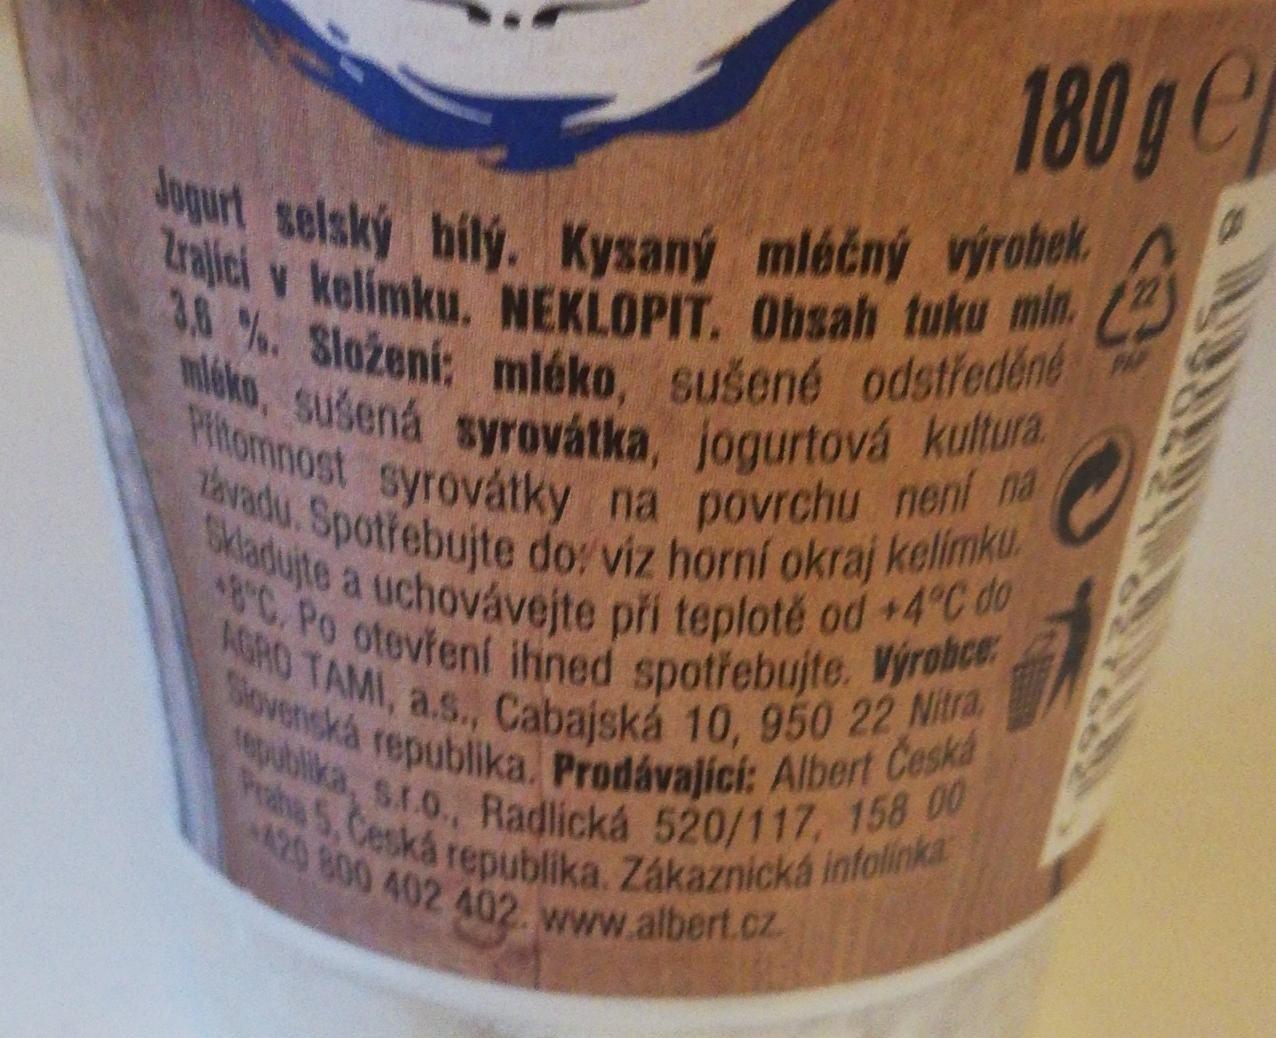 jogurt selský bílý Albert - kalorie, kJ a nutriční hodnoty..